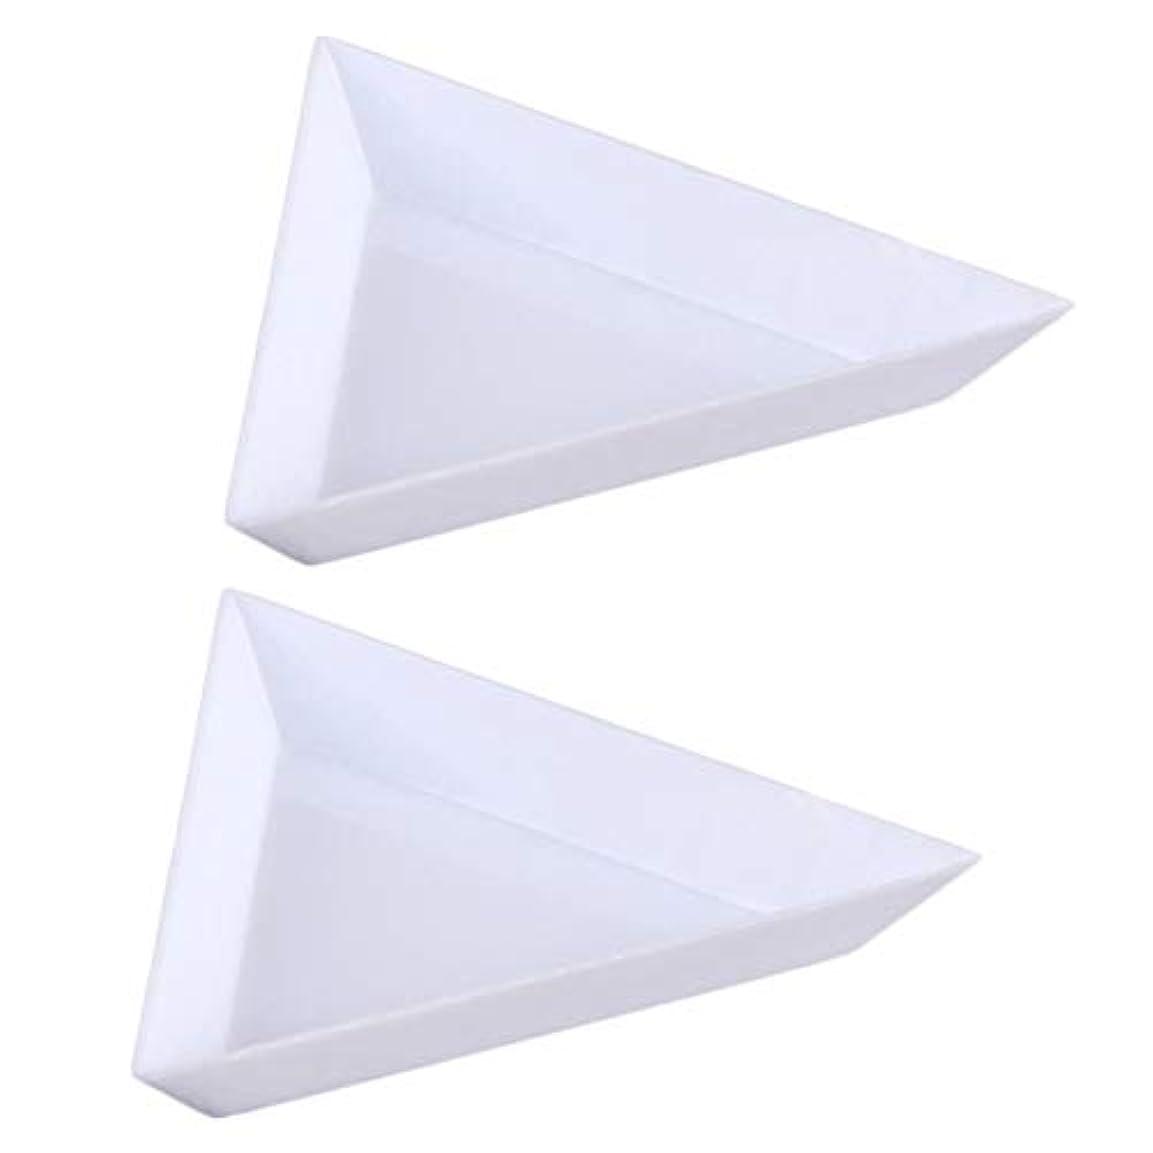 唯一インデックス賛辞RETYLY 10個三角コーナープラスチックラインストーンビーズ 結晶 ネイルアートソーティングトレイアクセサリー白 DiyネイルアートデコレーションDotting収納トレイ オーガニゼーションに最適